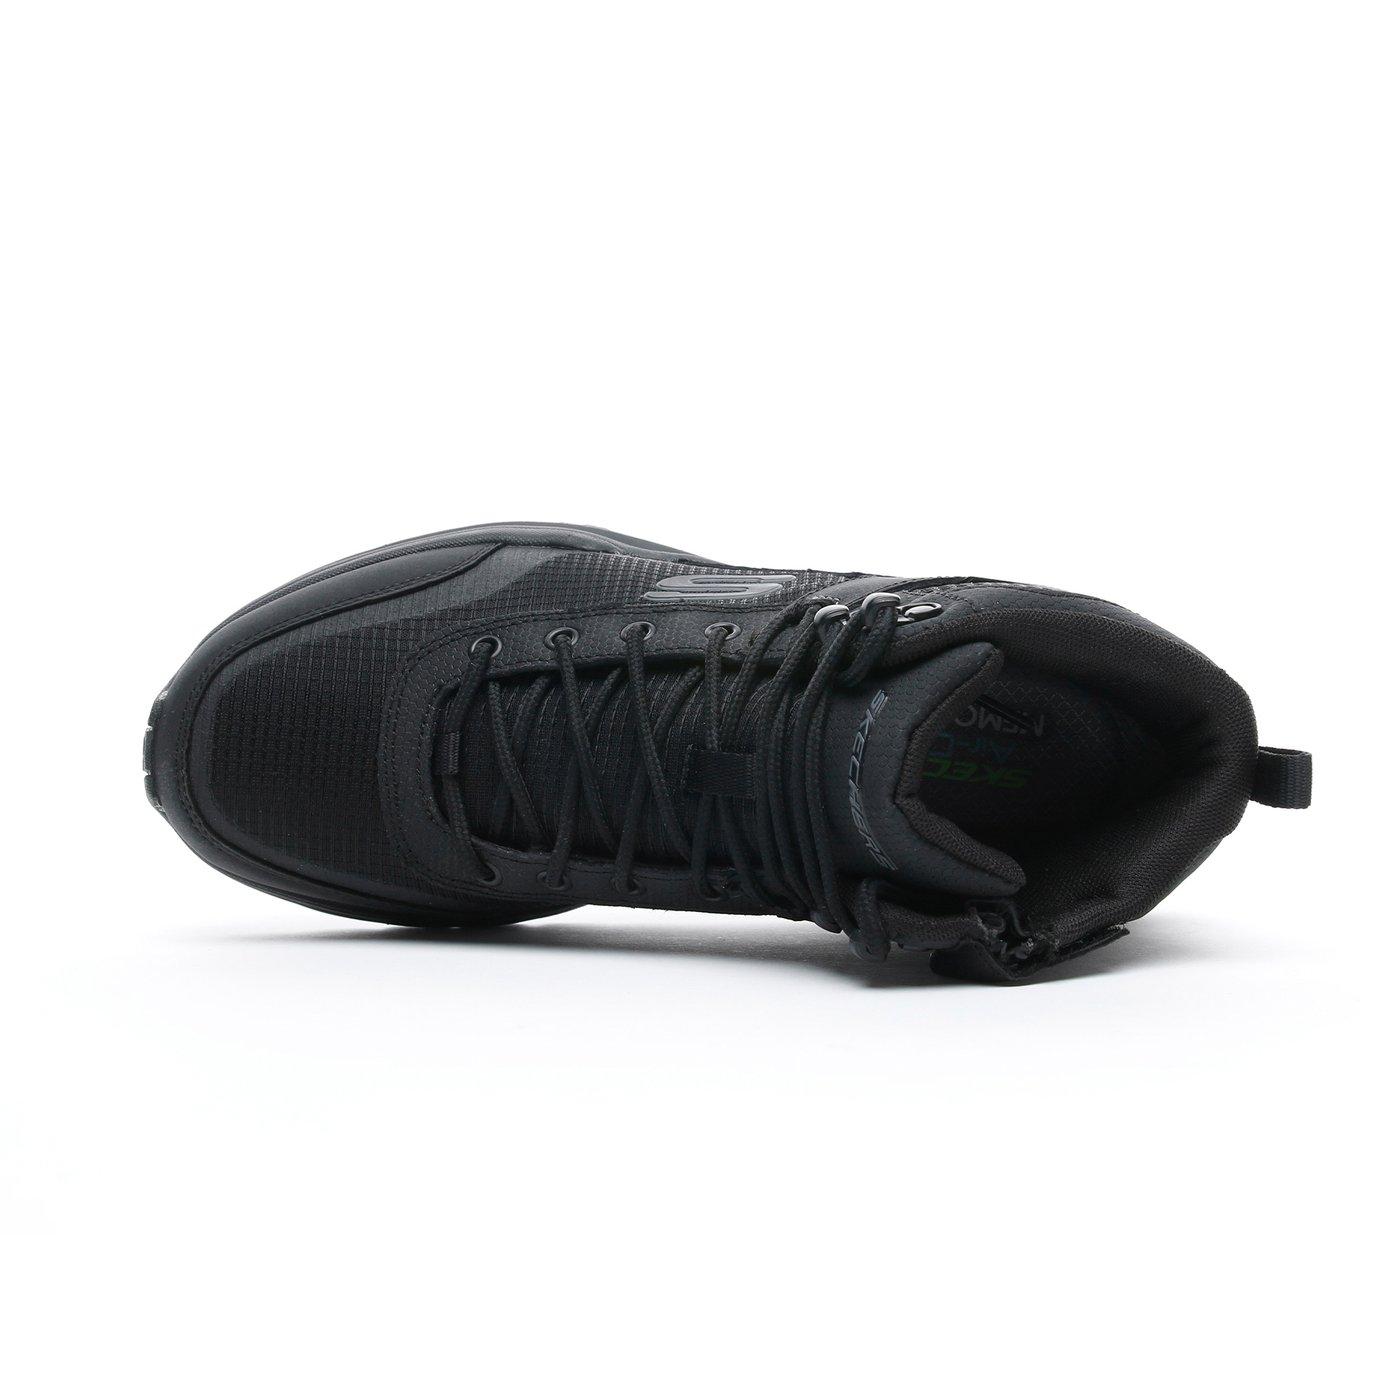 Skechers Escape Plan 2.0-Woodrock Erkek Siyah Spor Ayakkabı